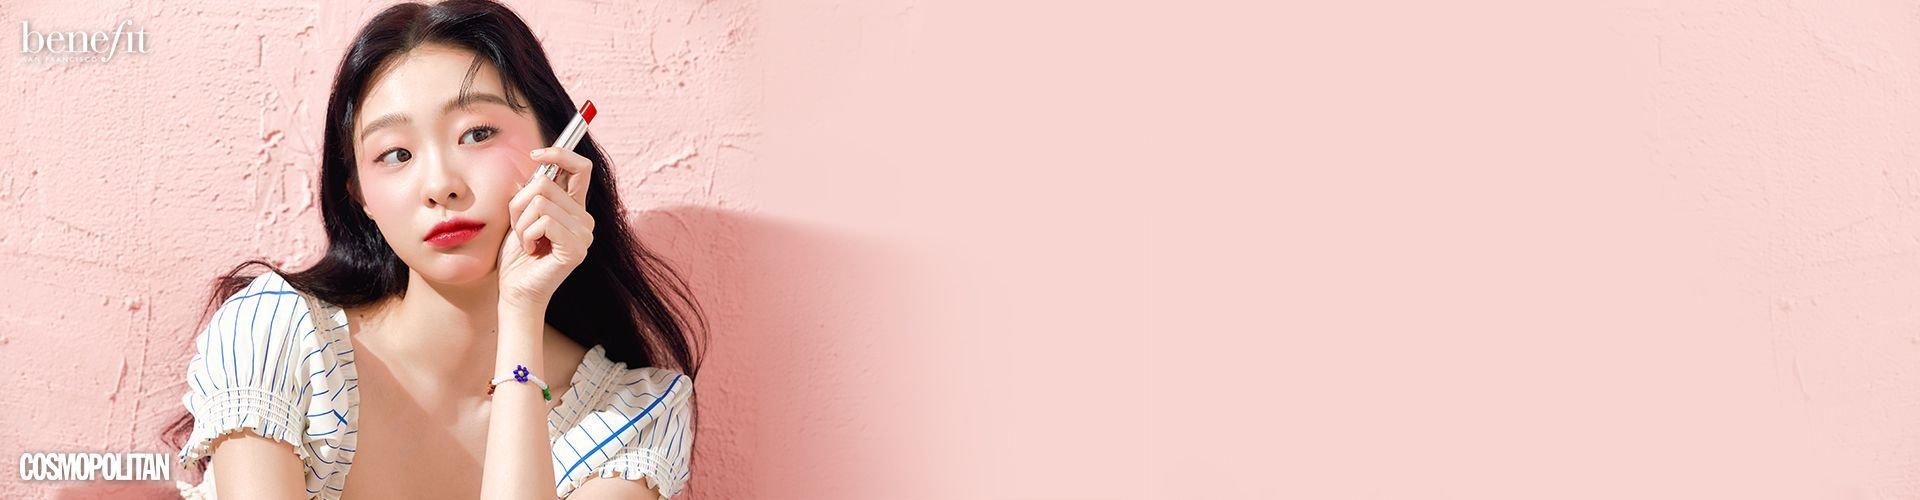 베네피트<br>캘리포니아 키싱 컬러 밤